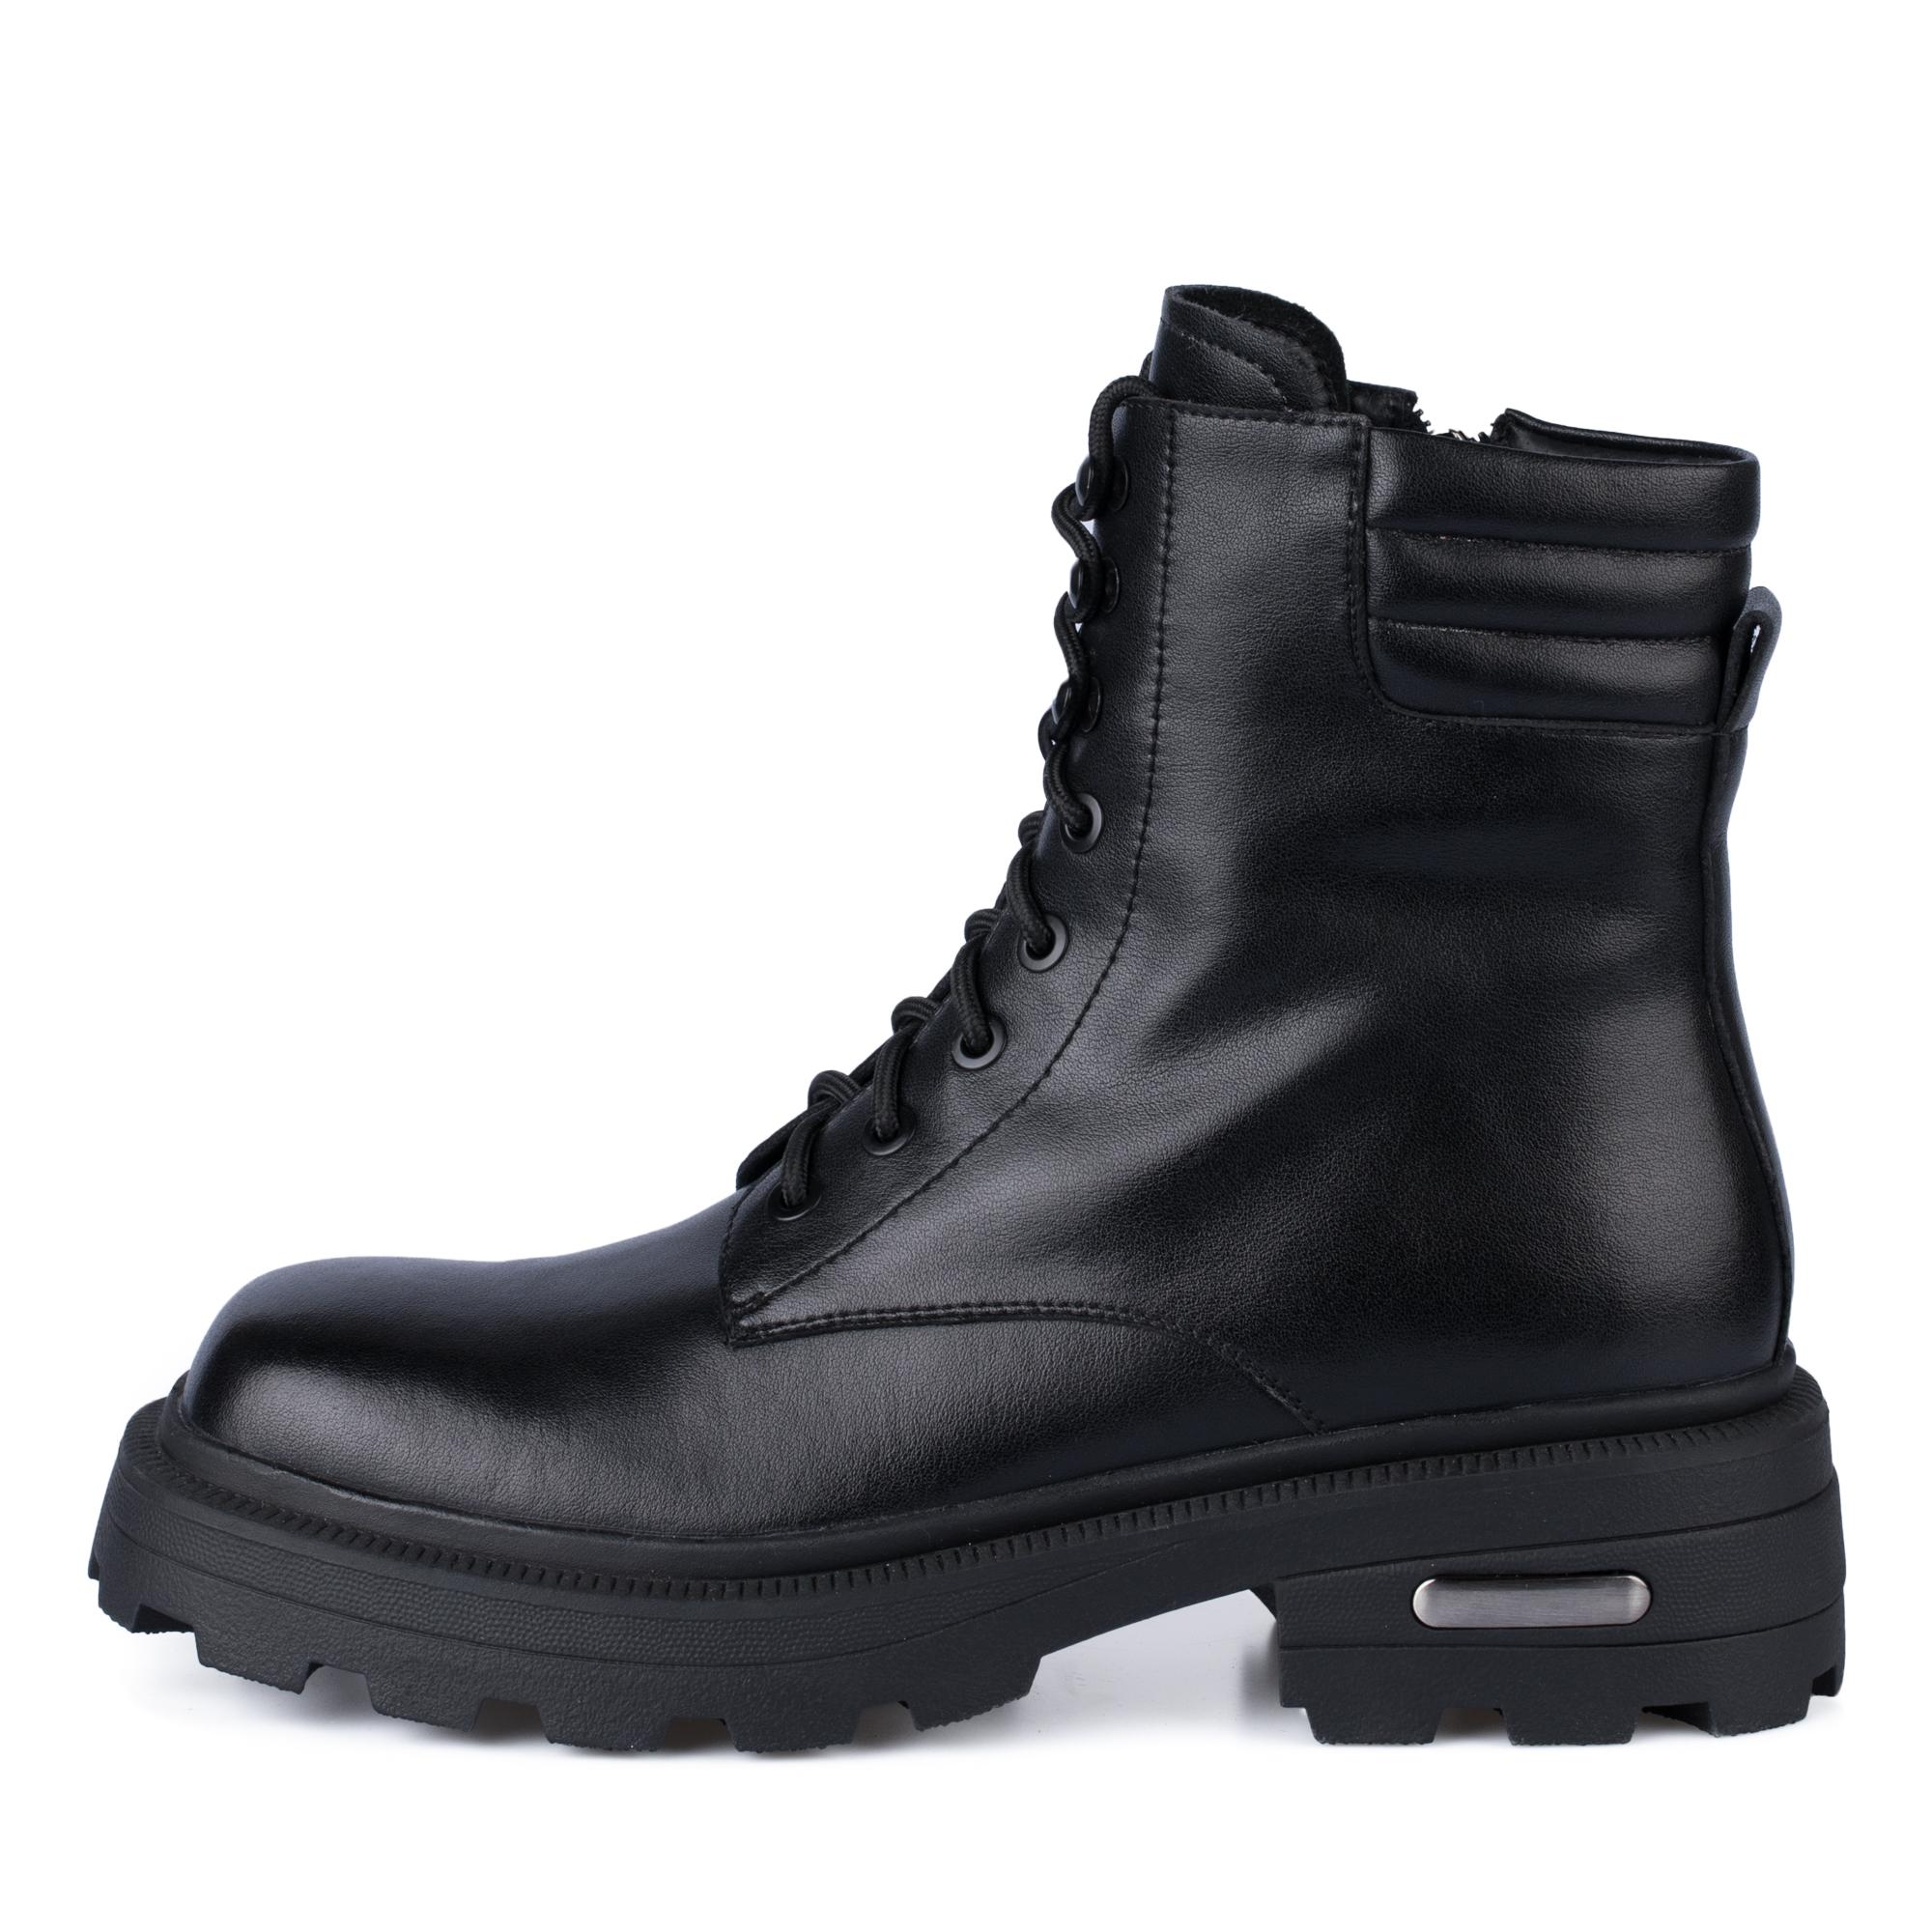 Ботинки Thomas Munz 094-064B-5602